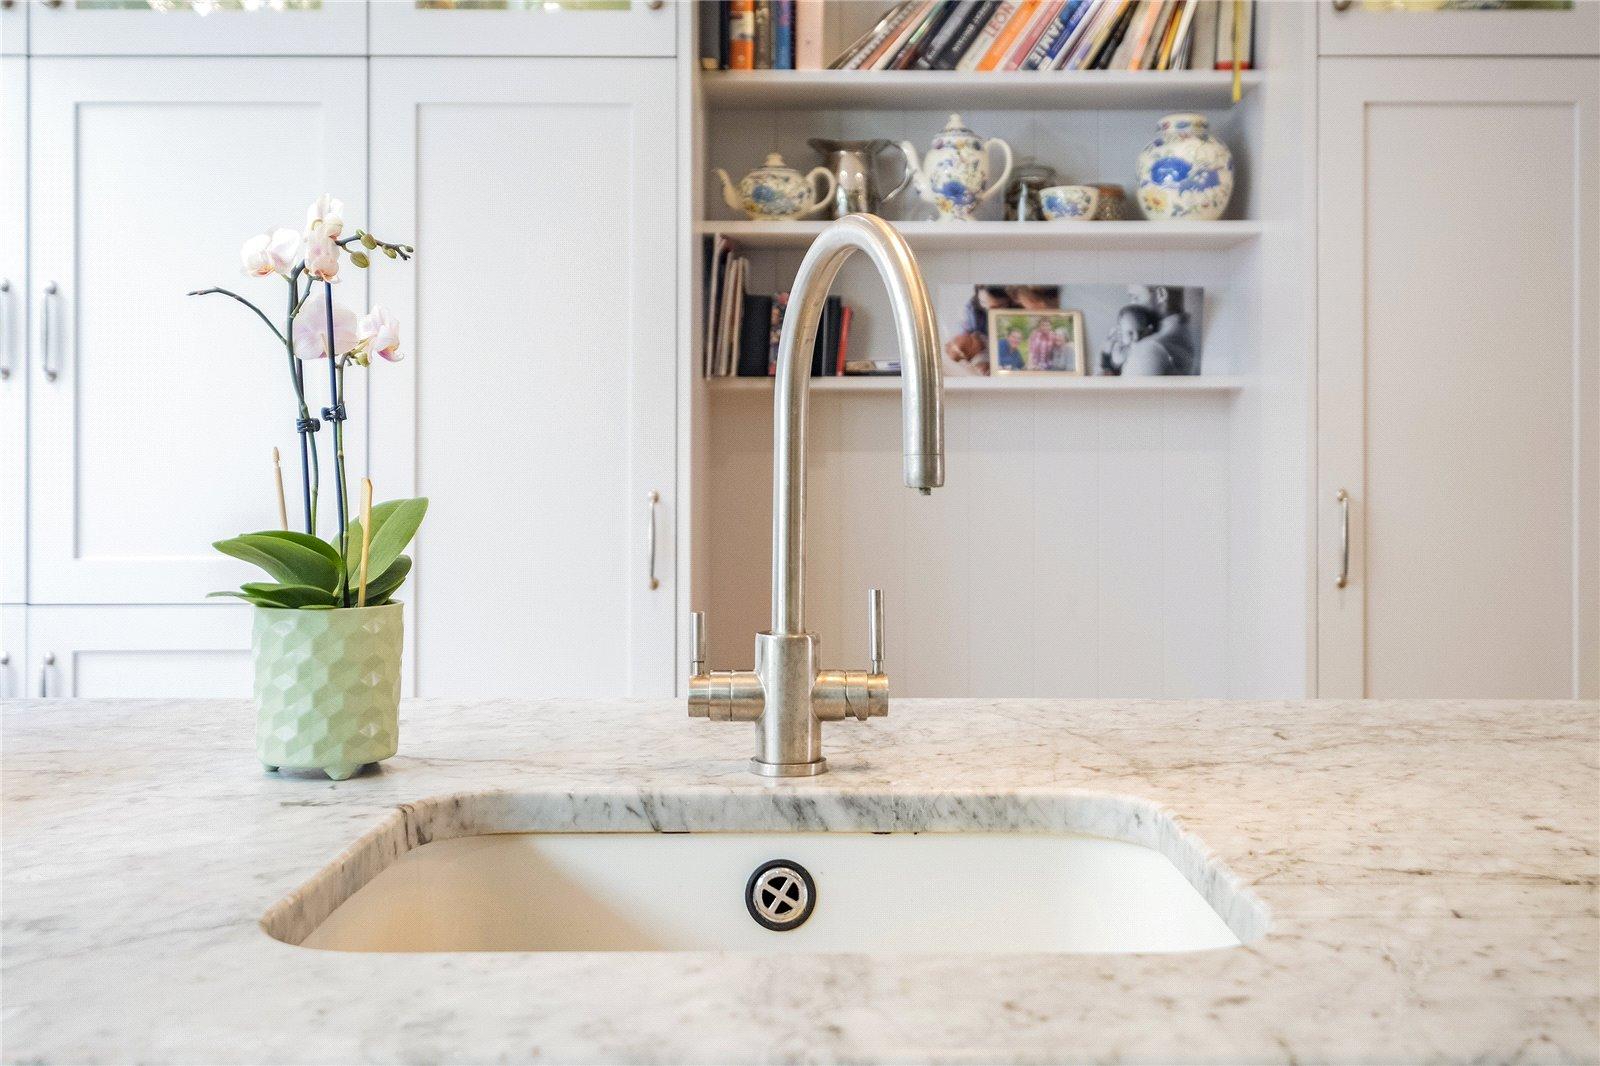 kitchen faucet fixture